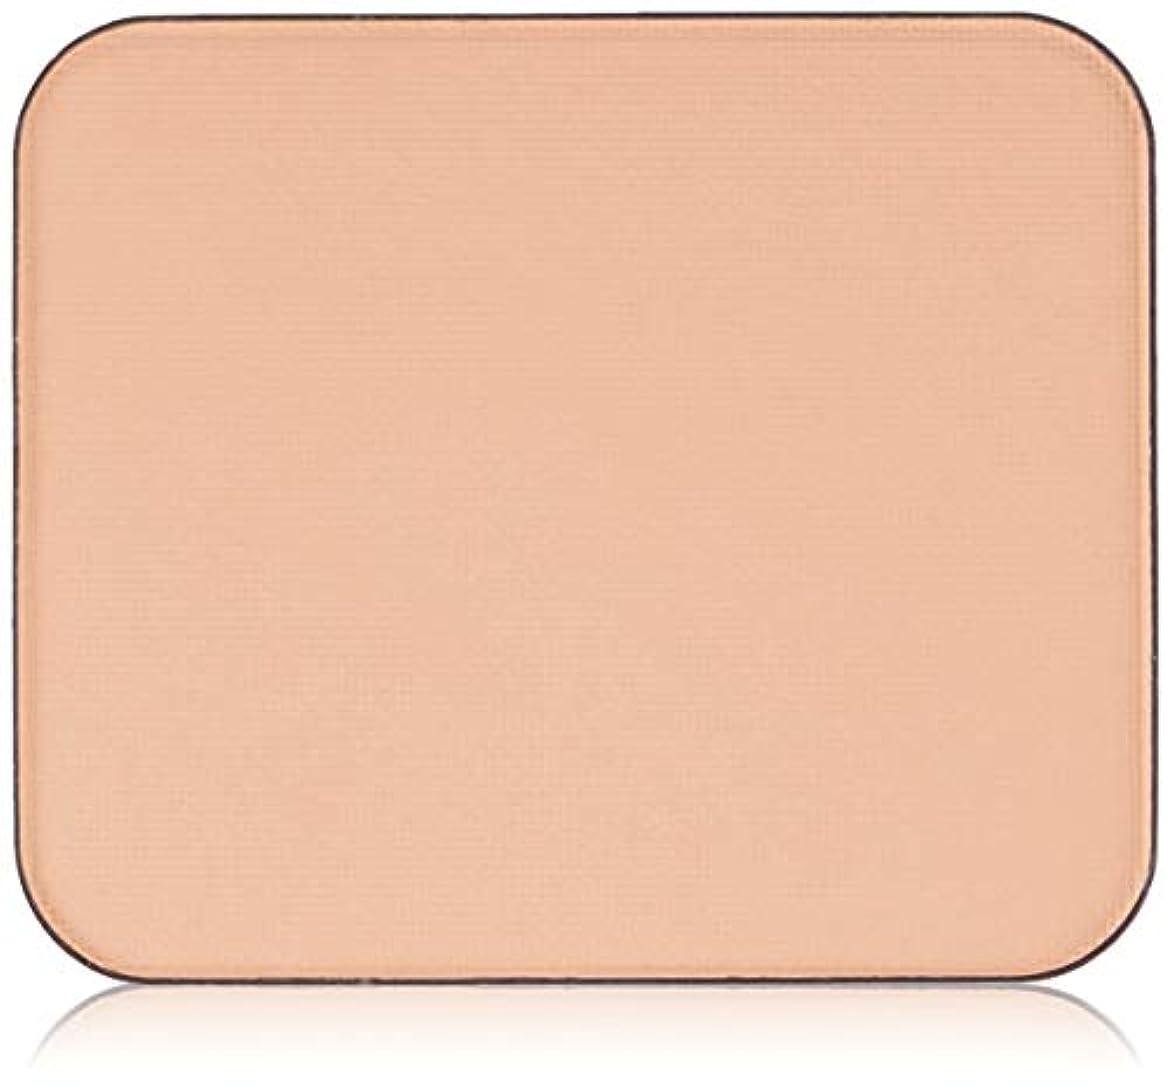 スキャンミリメートルベジタリアンCelvoke(セルヴォーク) インテントスキン パウダーファンデーション 全5色 102 明るいオークル系(標準色)